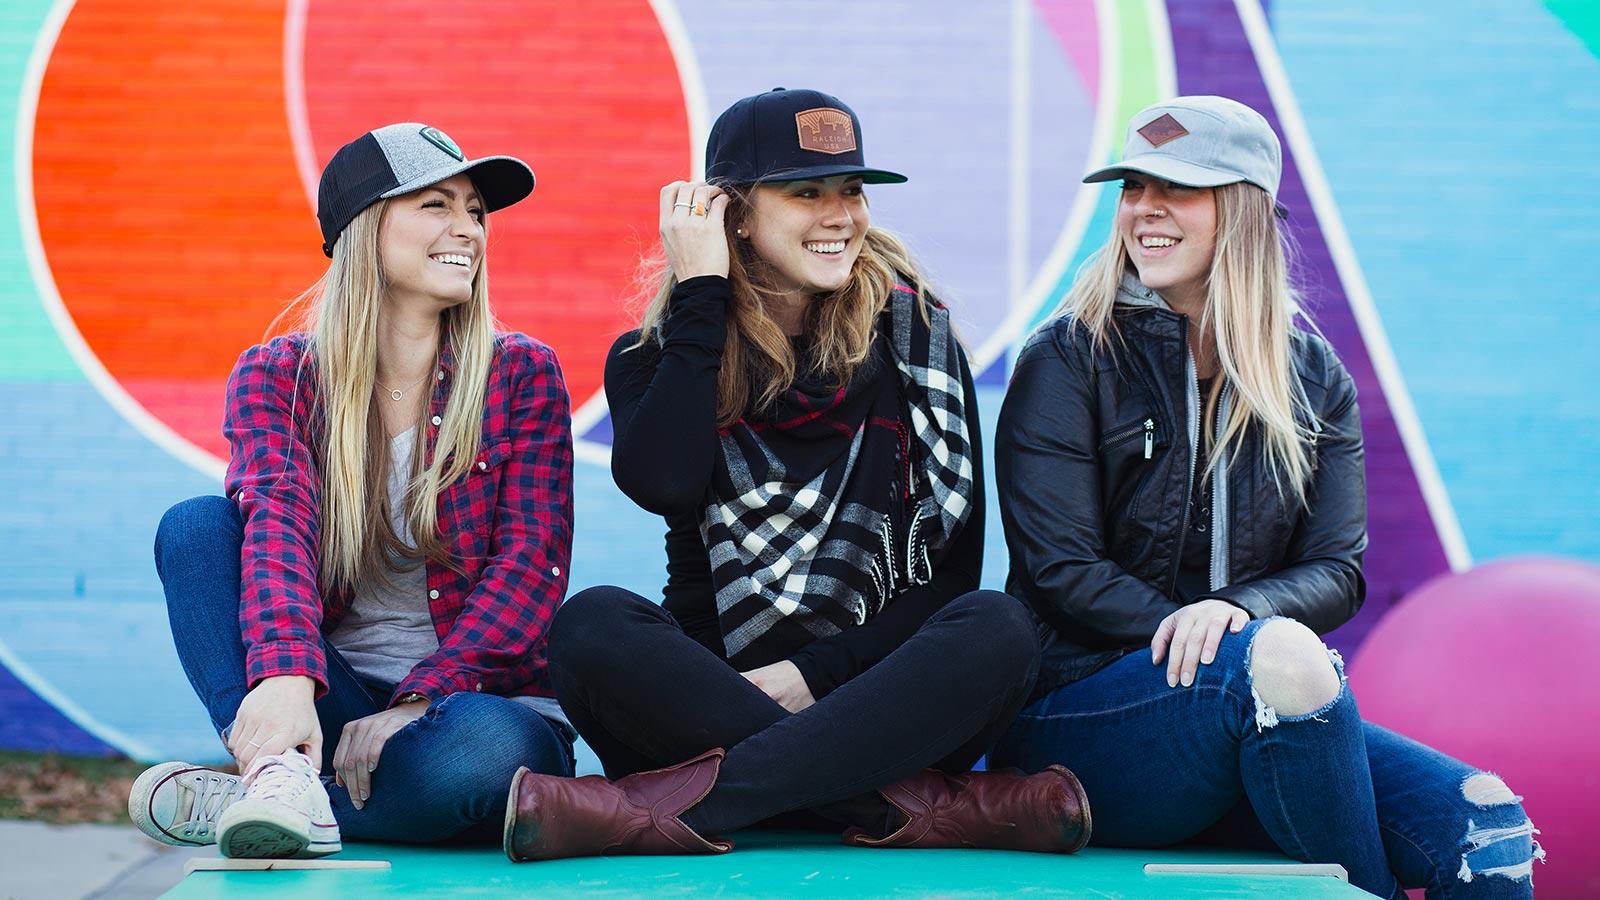 Happy People Wearing Hats